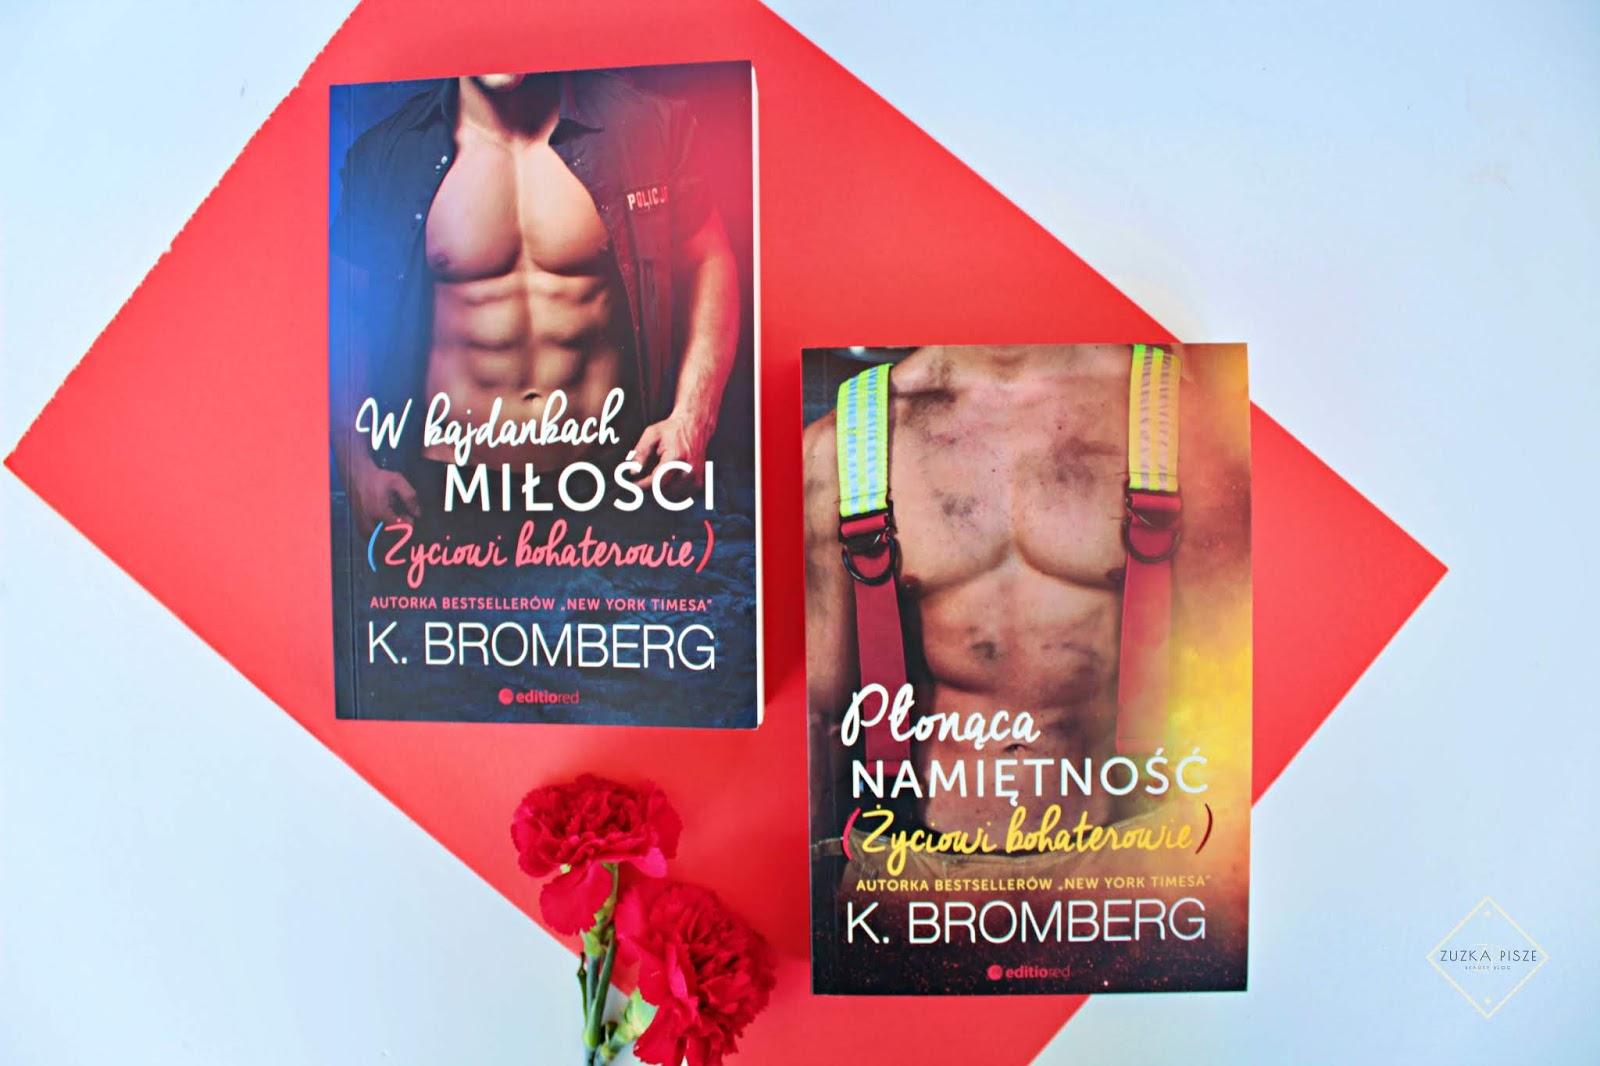 """K.Bromberg """"Płonąca Namiętność"""" z cyklu """"Życiowi bohaterowie"""" tom 2 - recenzja"""